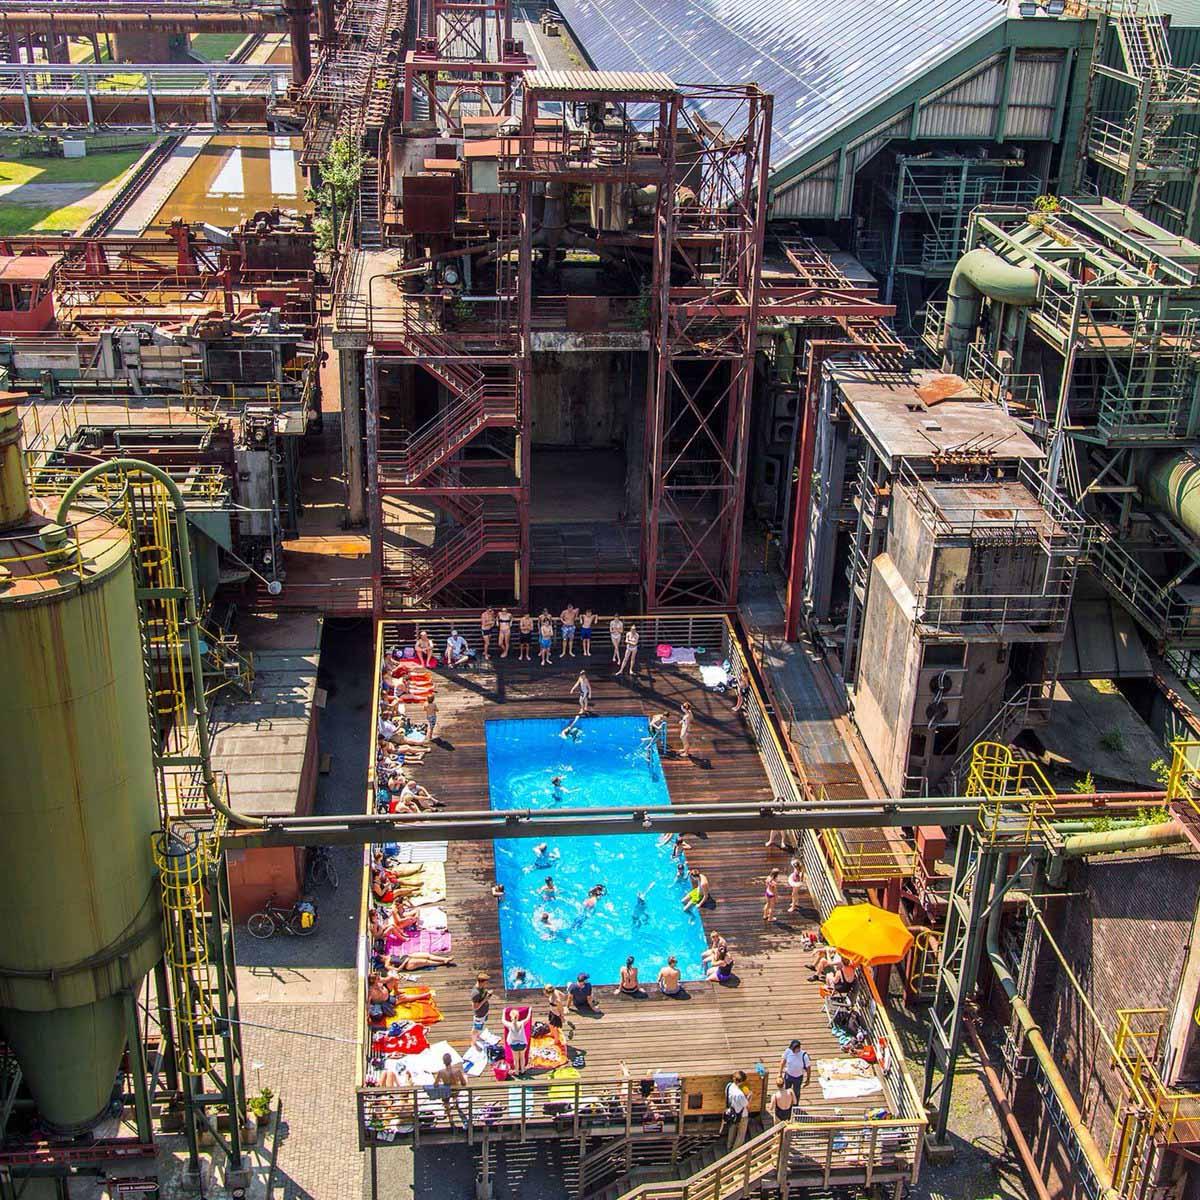 Khu công nghiệp khai thác than đá Zeche Zollverein Essem, ĐỨc ngày nay. [Nguồn: internet]